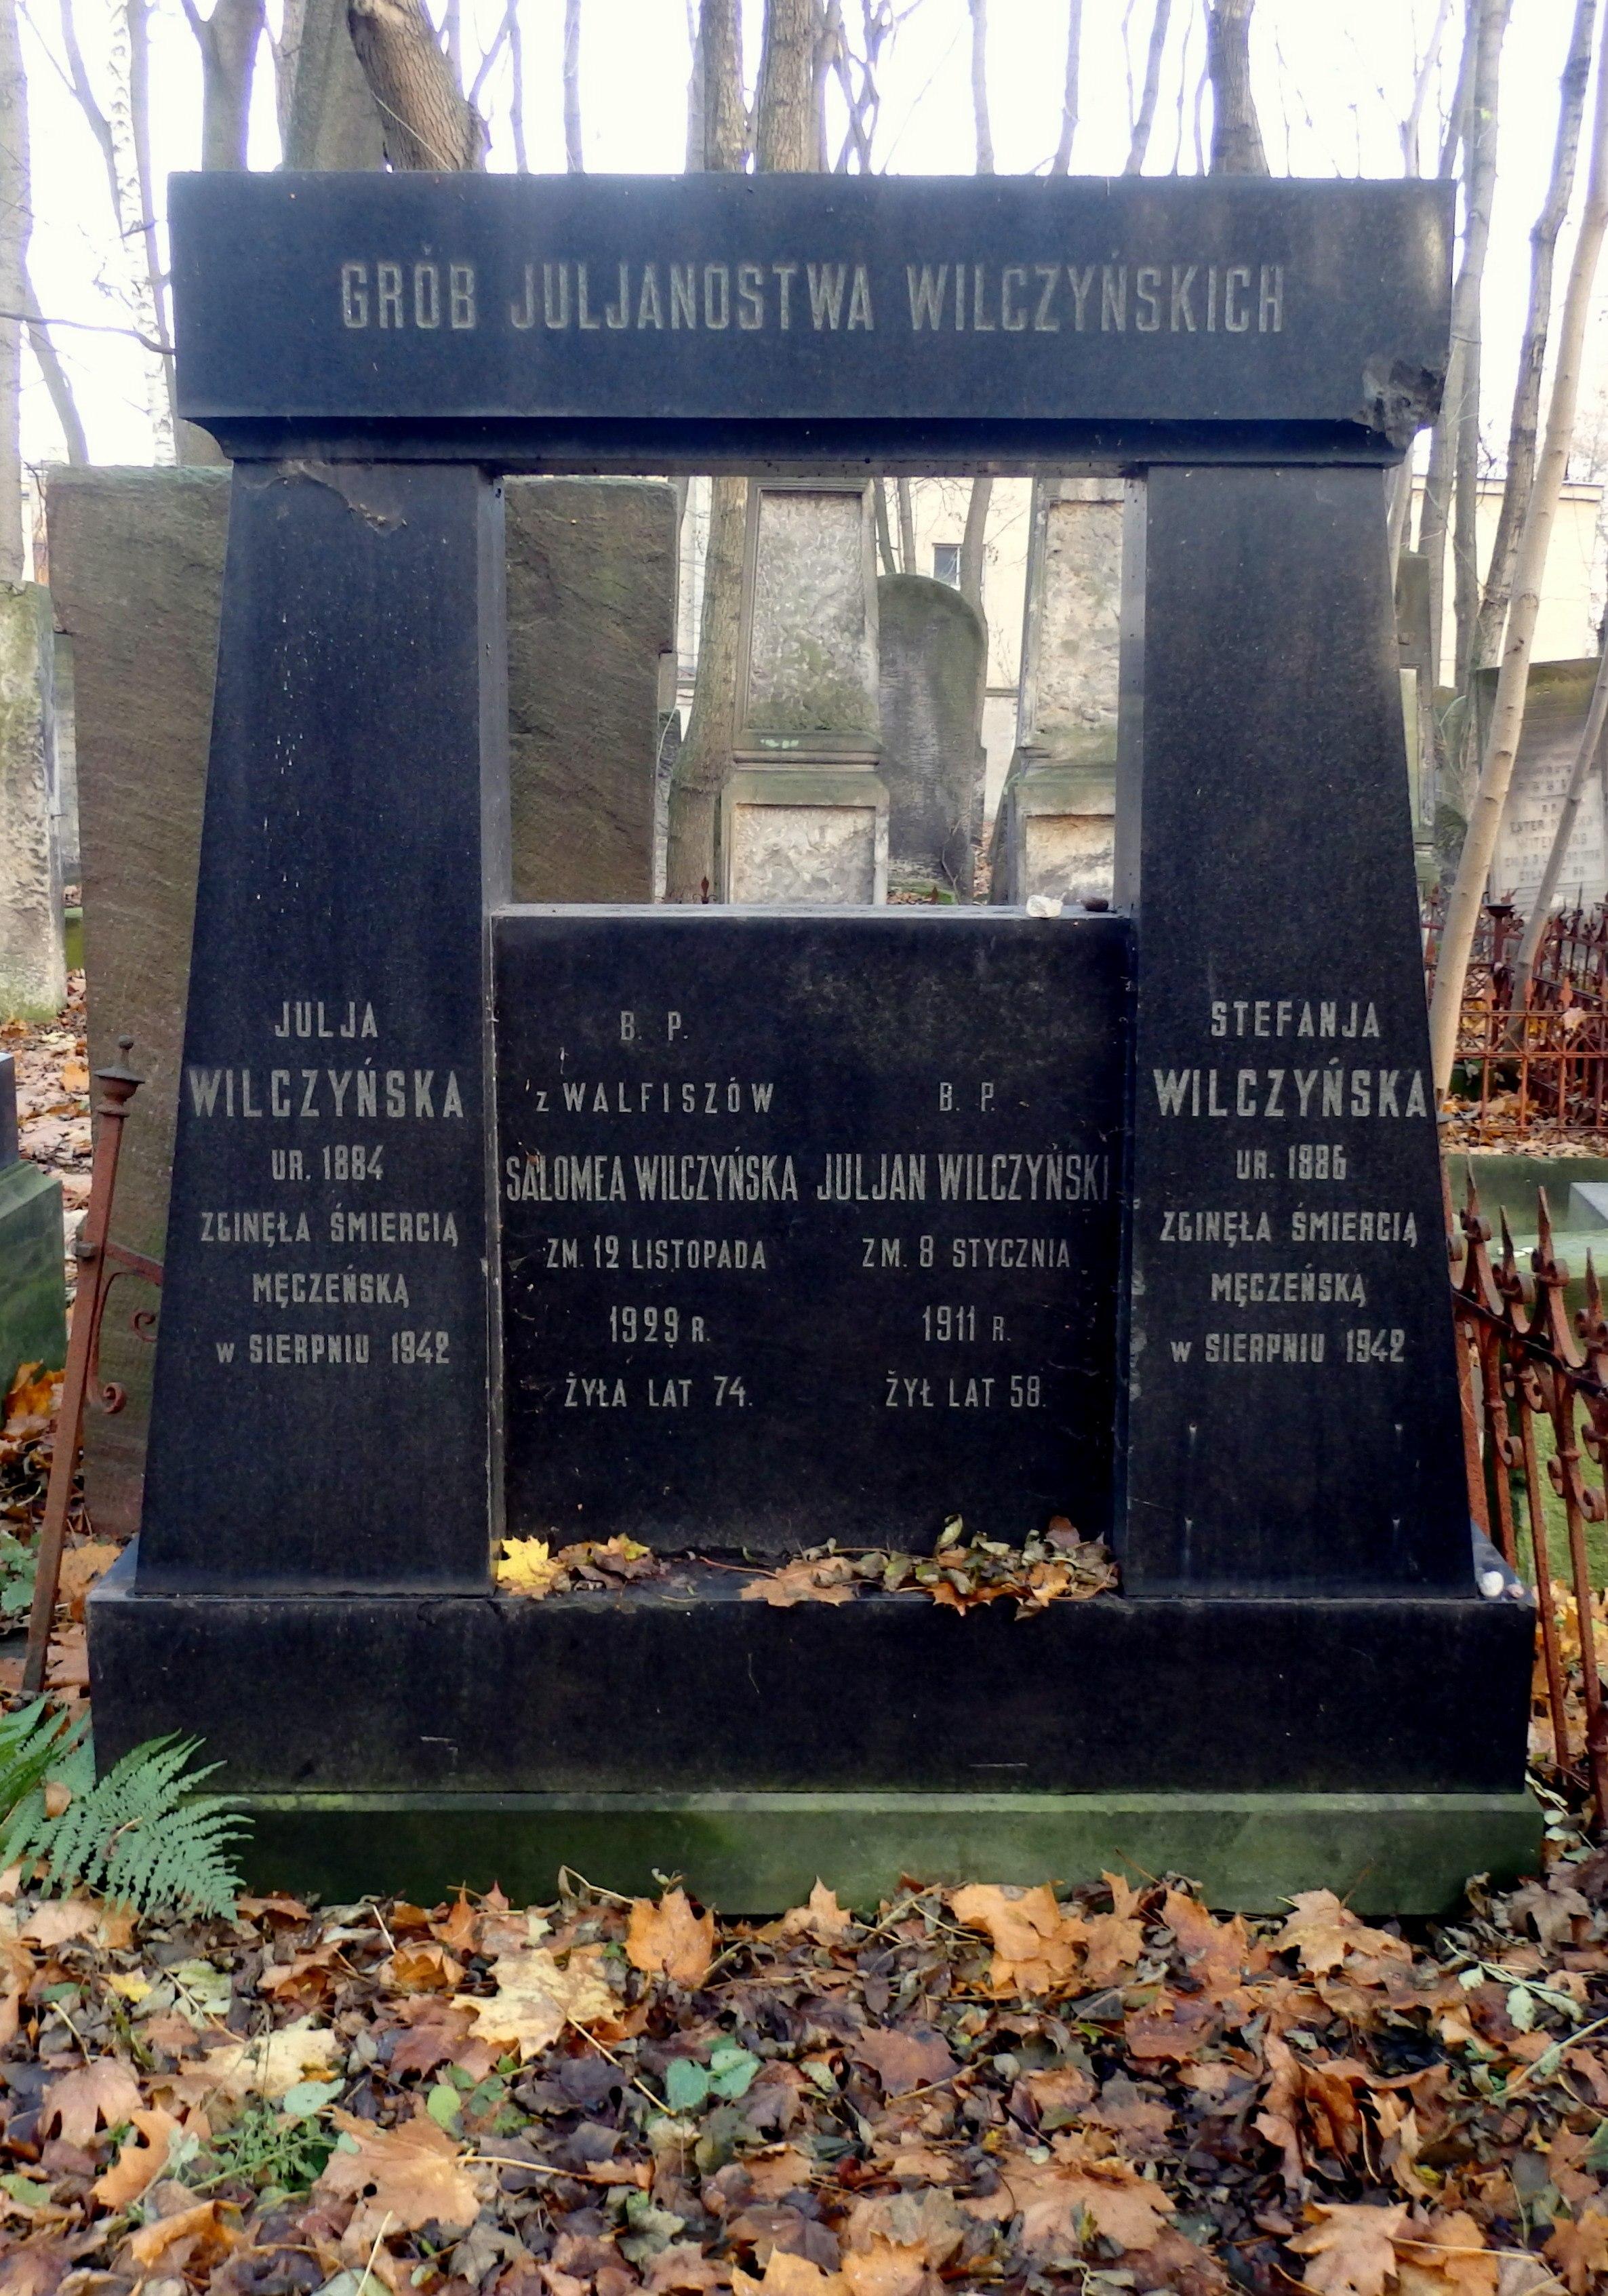 Symboliczny grób Stefanii Wilczyńskiej na cmentarzu żydowskim w Warszawie (fot. Sławomir Pastuszka / http://bit.ly/1MsDUx5 / BY CC / http://bit.ly/1xMszCg)